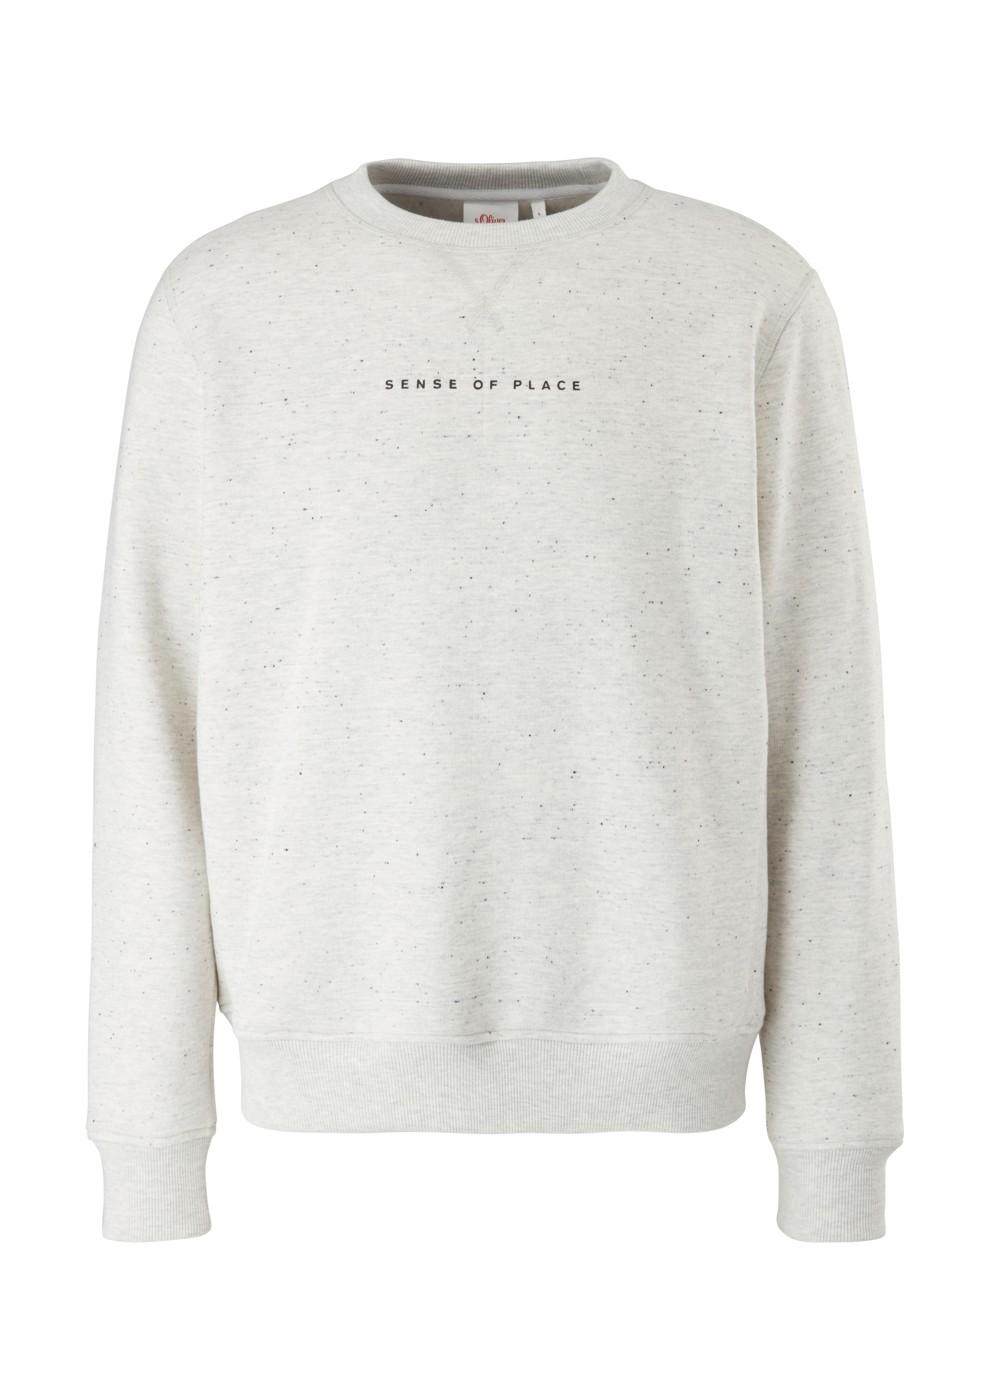 130 Sweatshirt langarm - Herren